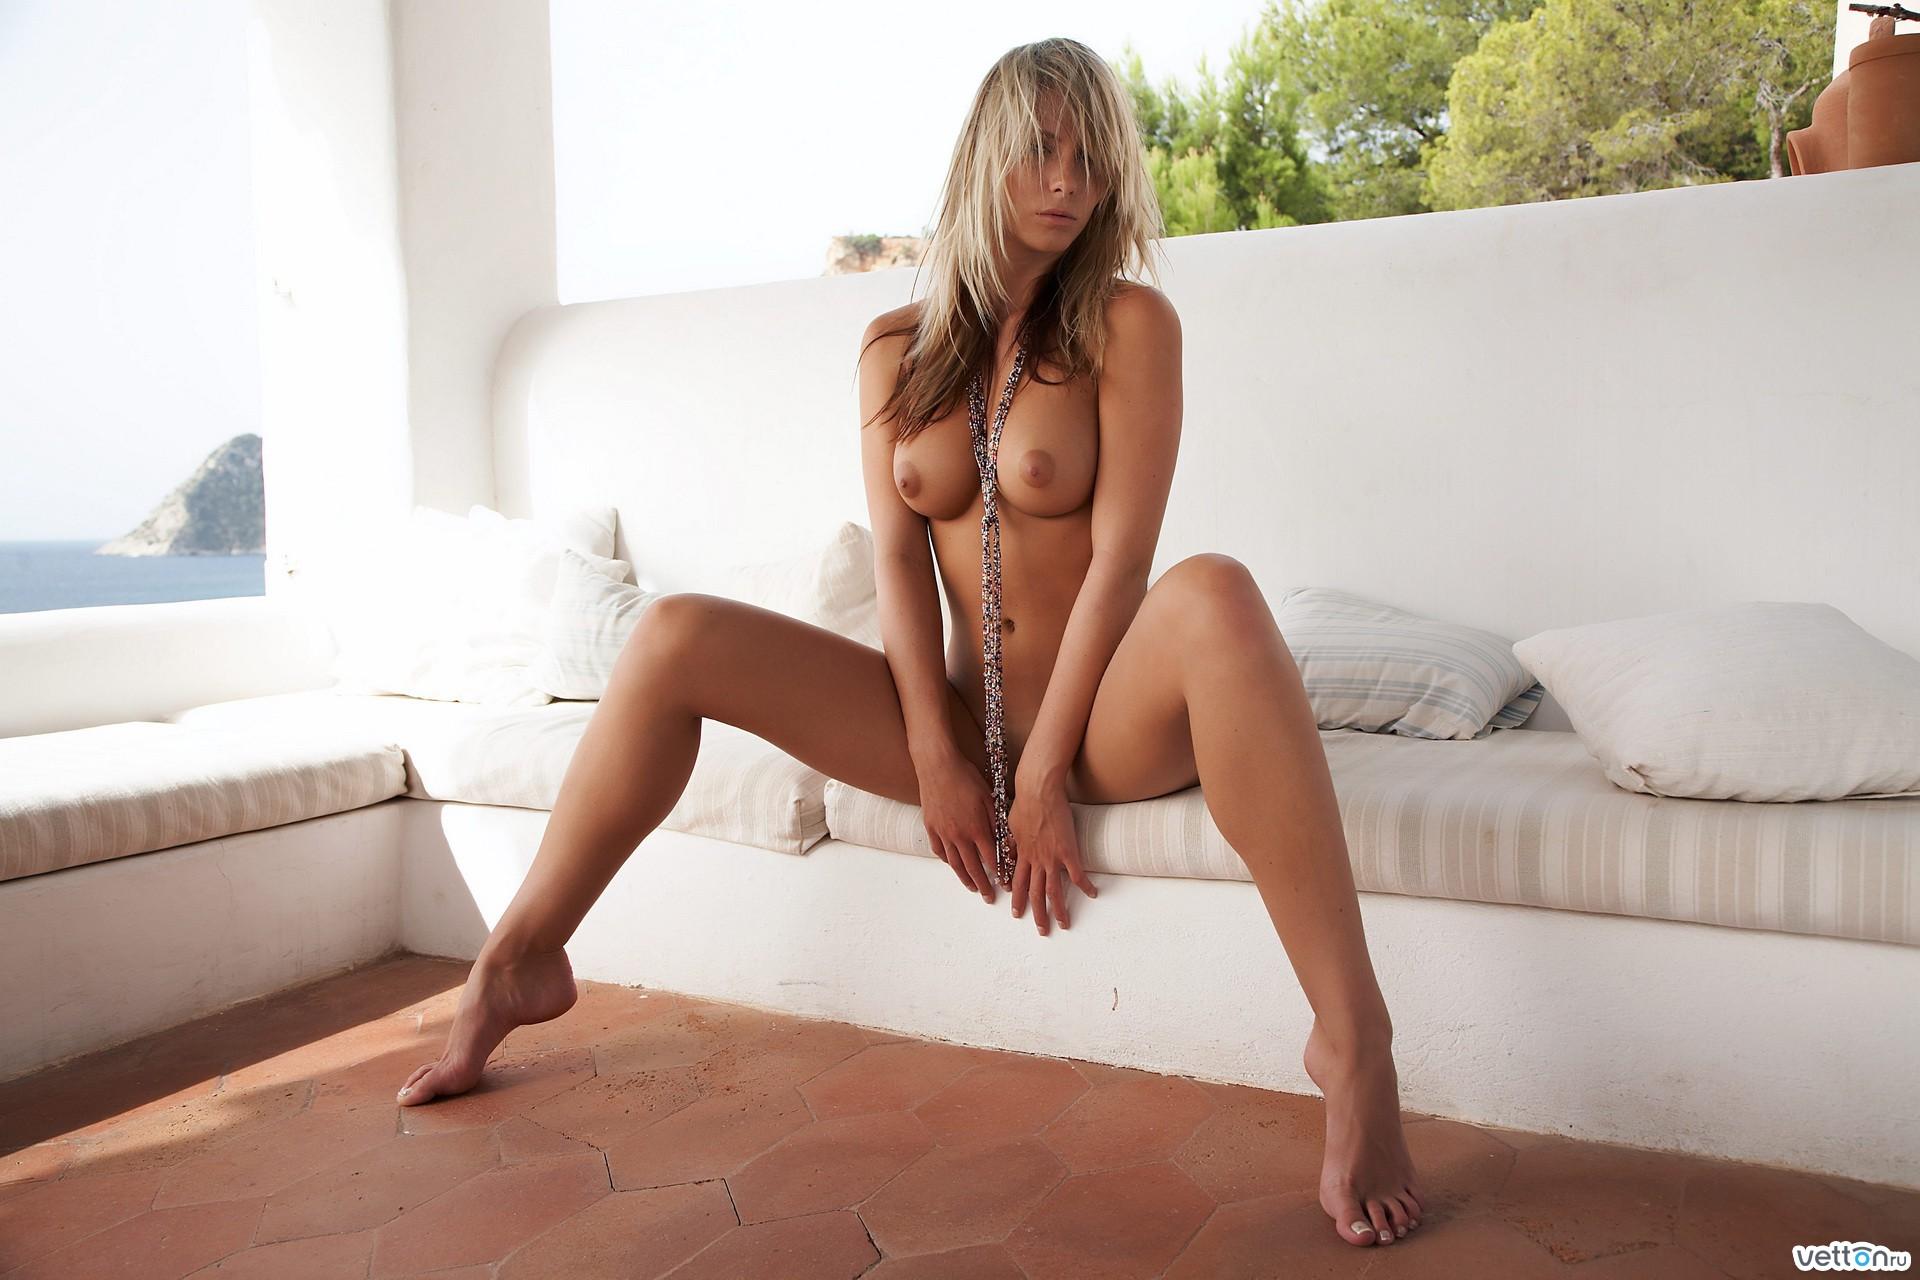 Фото эротические модели в тельняшке 17 фотография